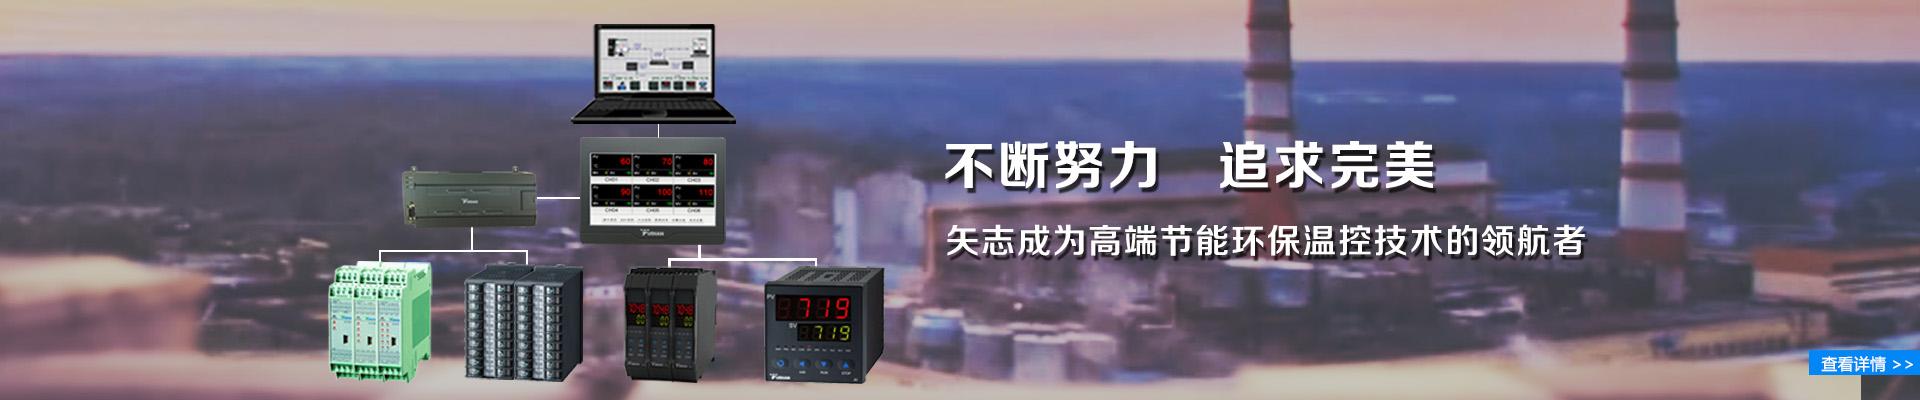 厦门宇电自动化科技有限公司